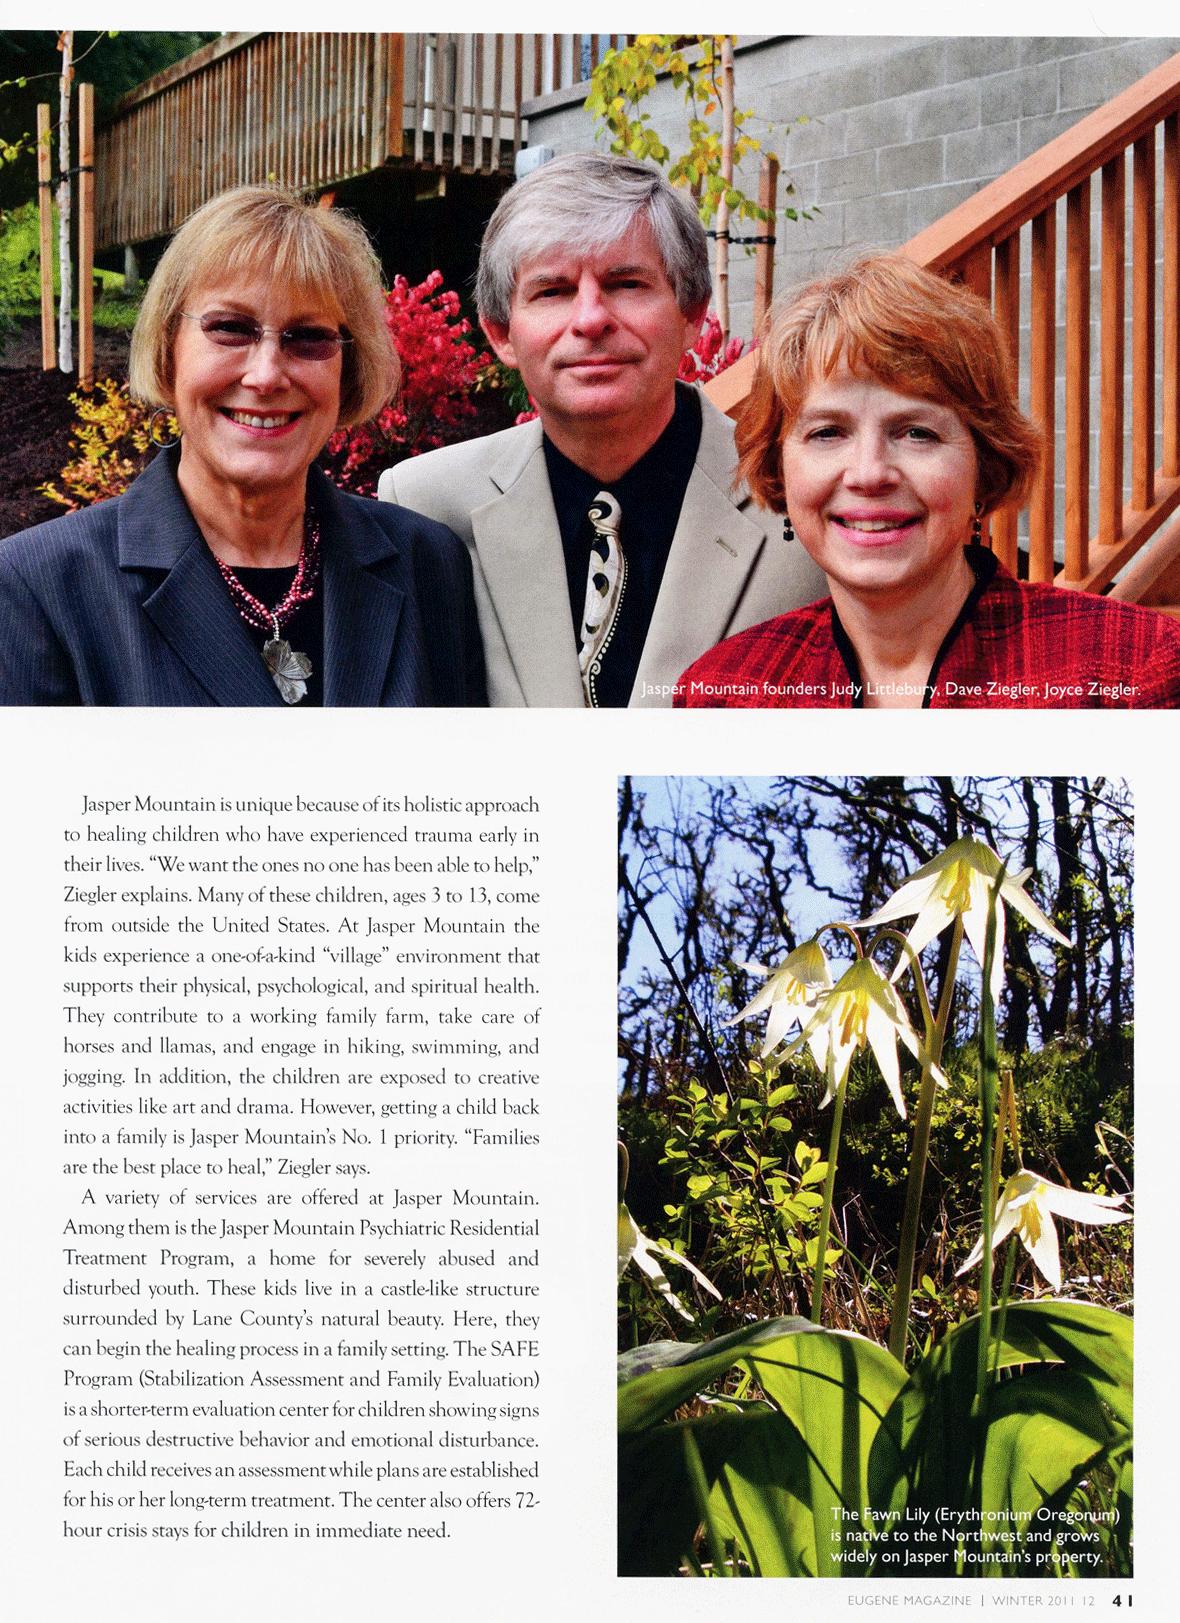 Greg-Ahlijian_Press-007_Eugene-Magazine-WInter-2011-12_pg2.png